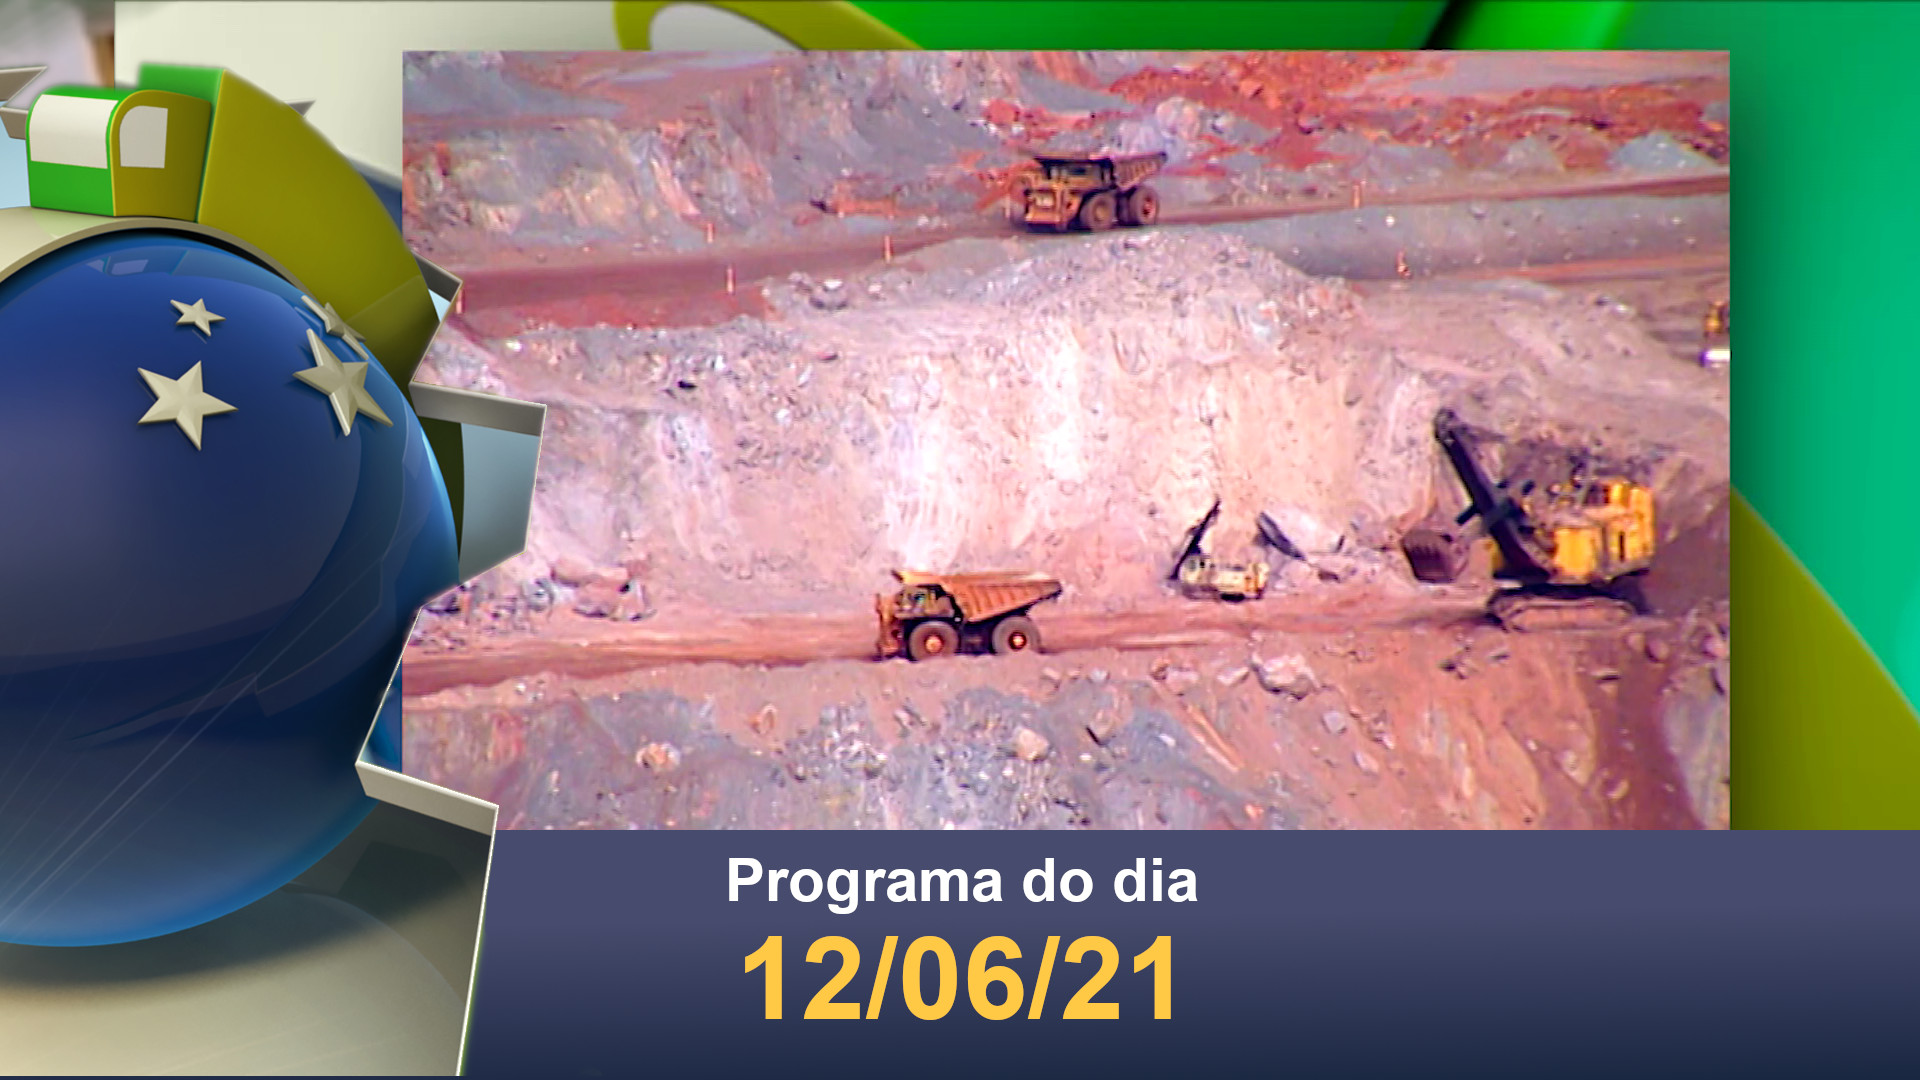 MEMORIAS DO BRC